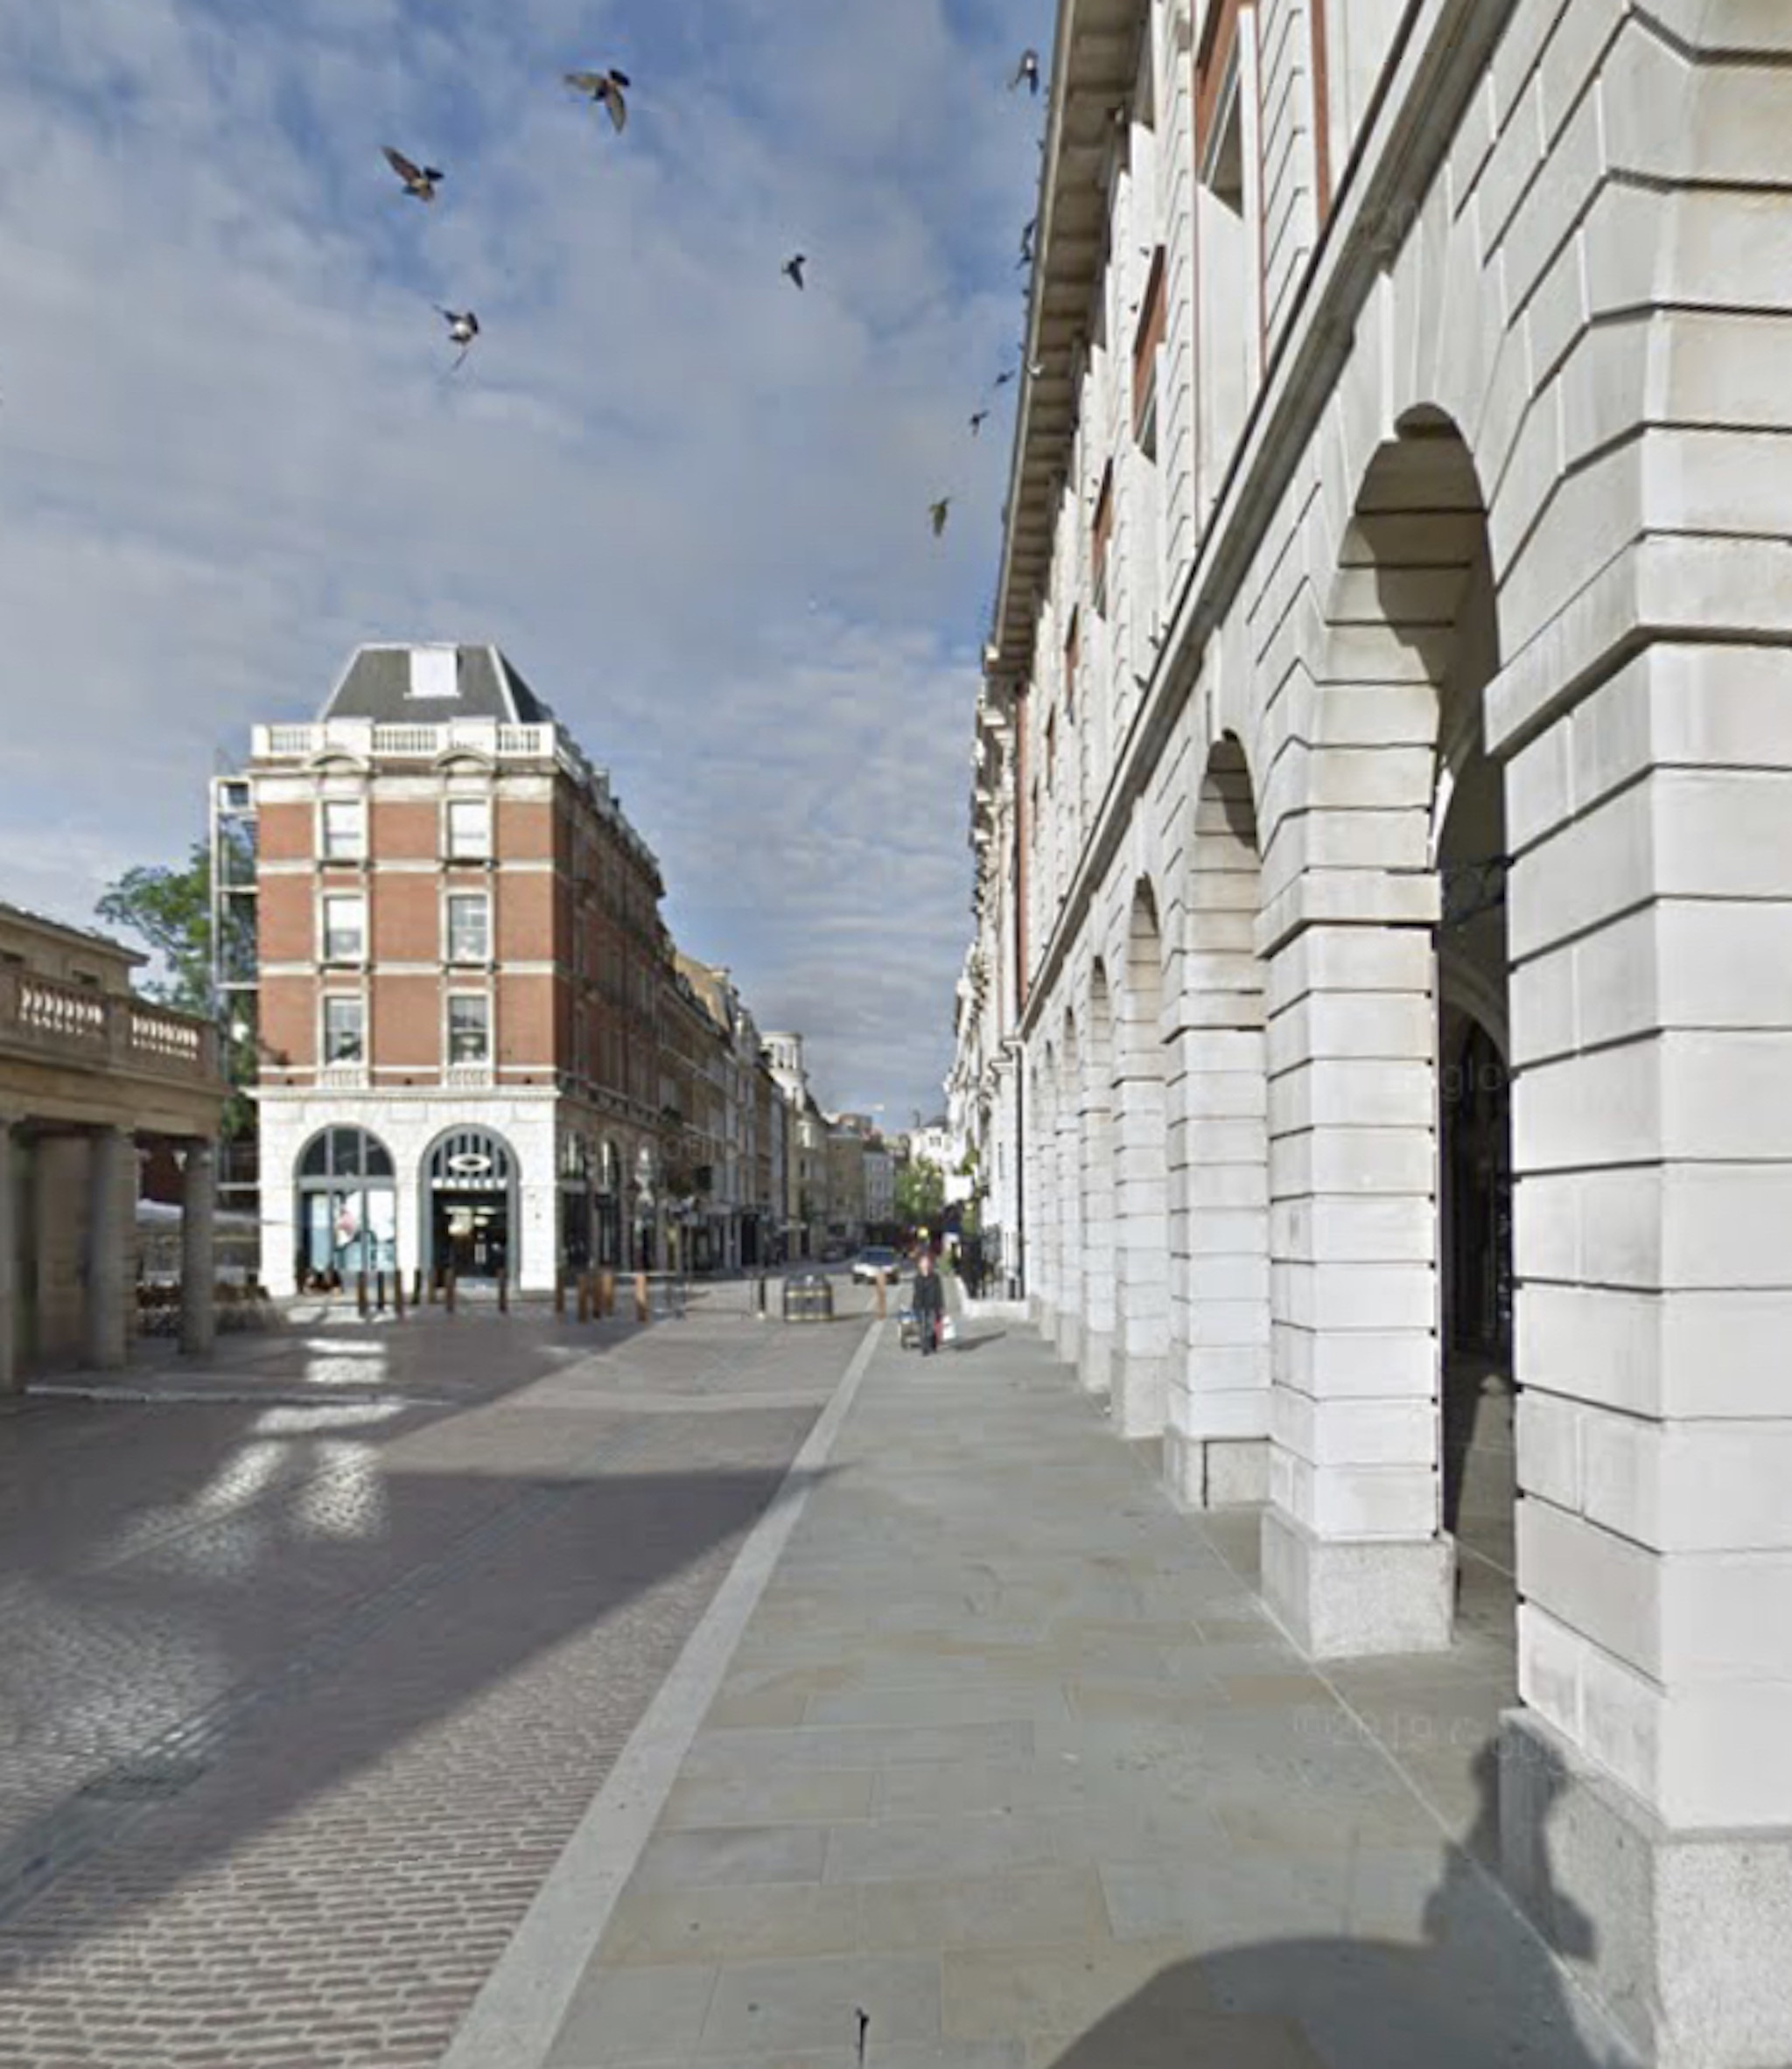 起点——考文特花园广场 on London audio tour 另辟蹊径的伦敦历史之旅